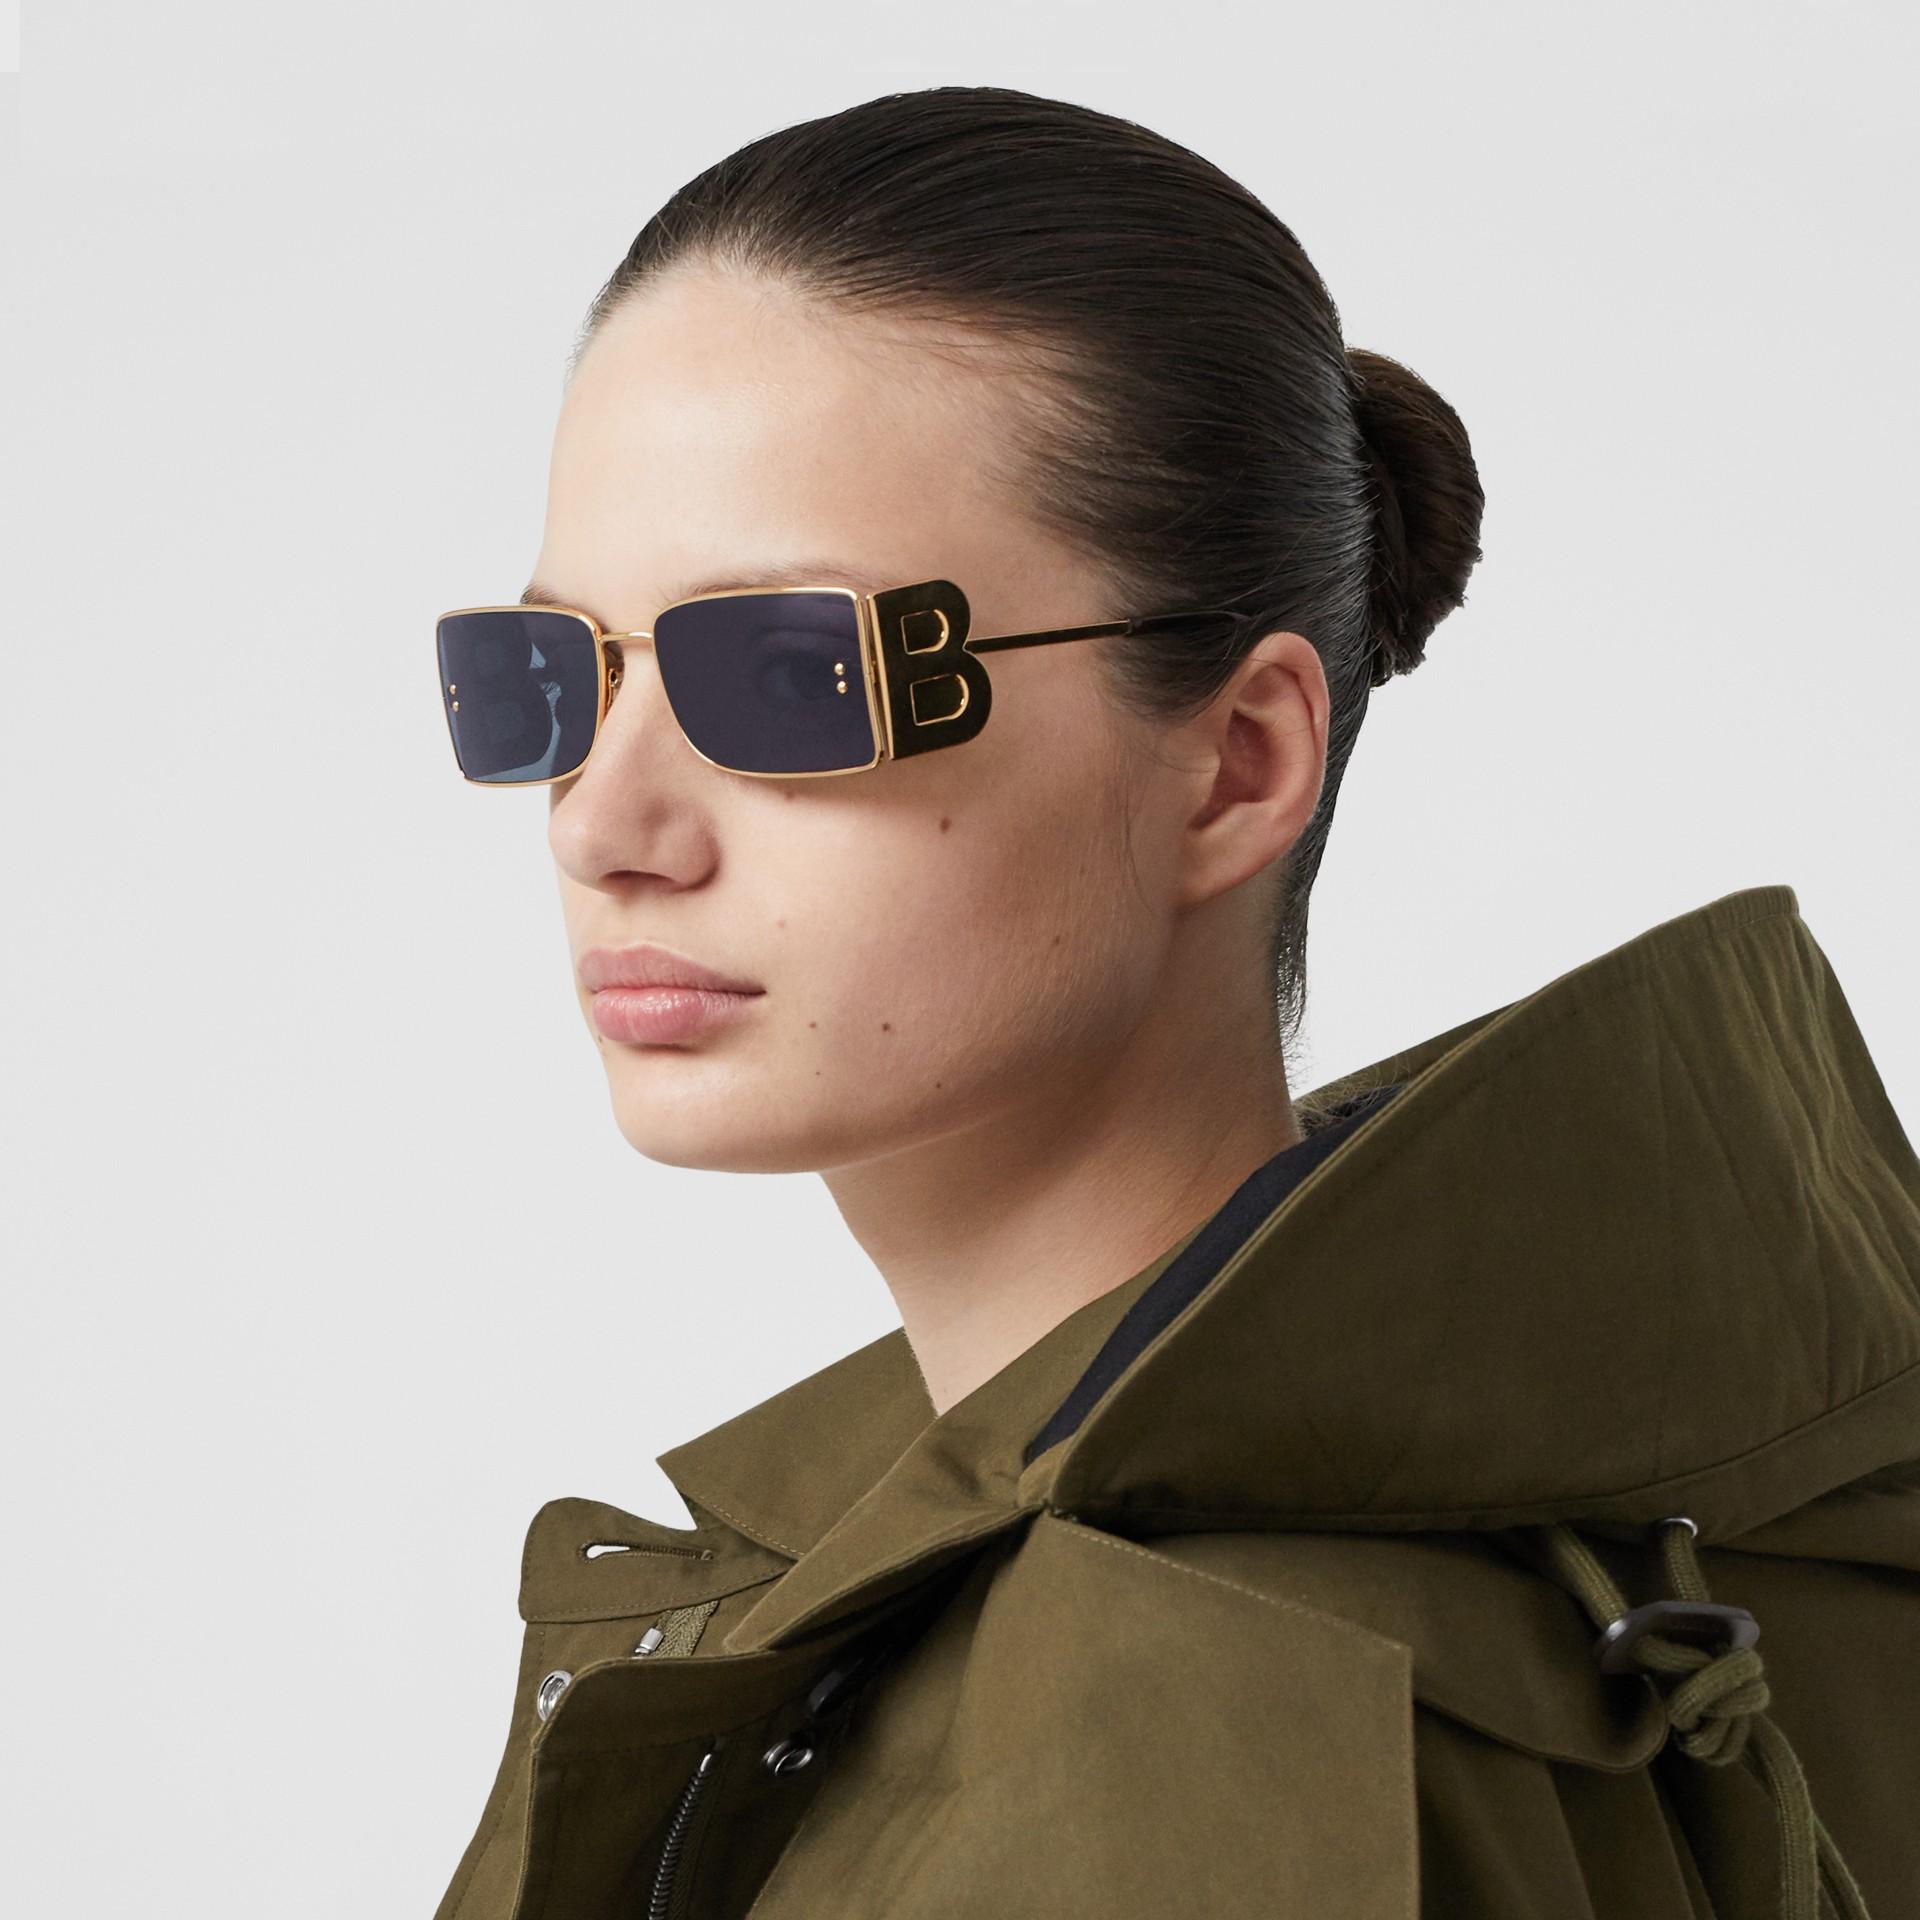 'B' Lens Detail Rectangular Frame Sunglasses in Tortoiseshell - Women | Burberry - gallery image 2